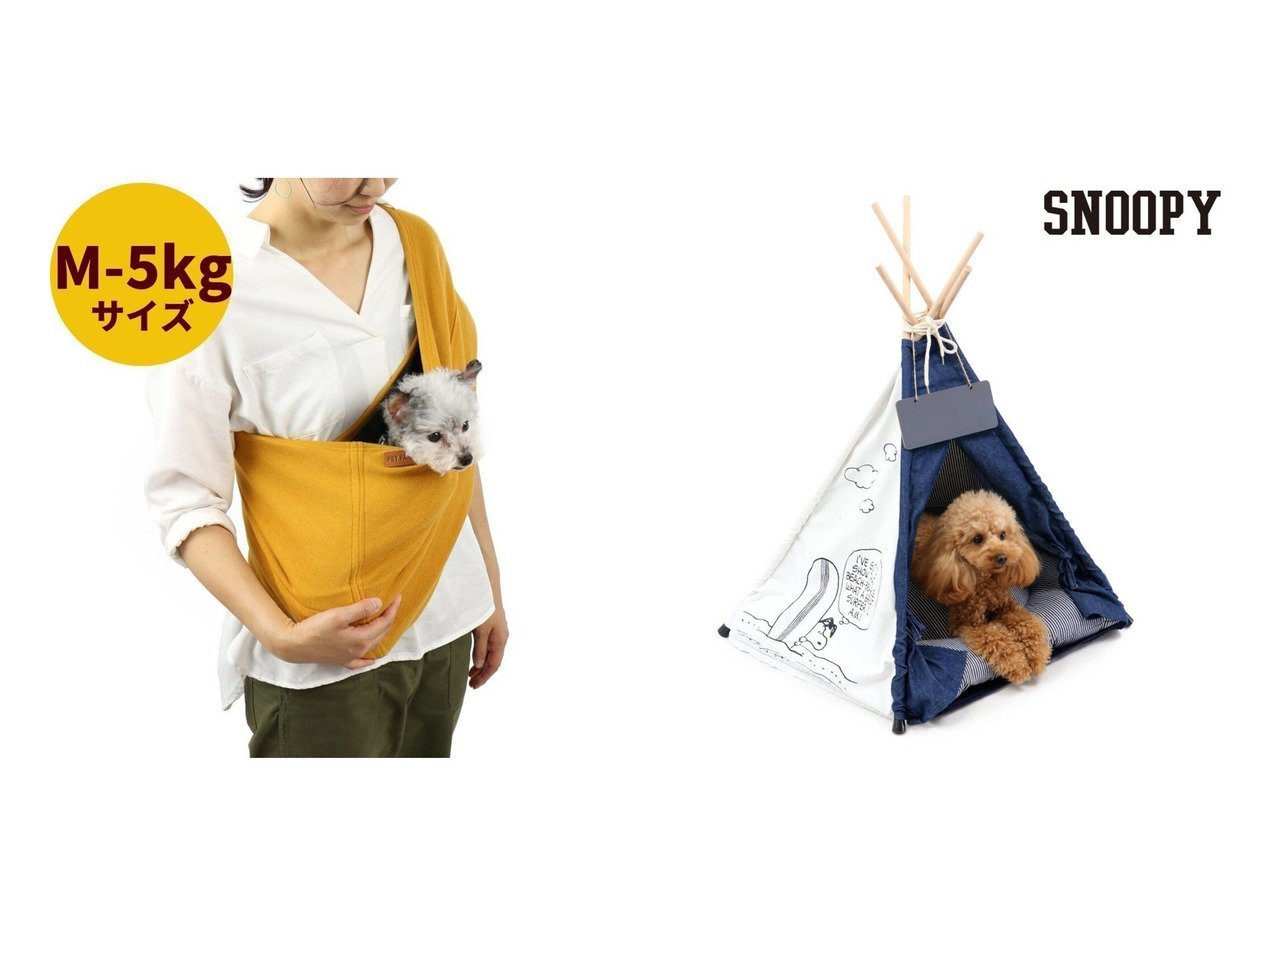 【PET PARADISE/ペットパラダイス】のスヌーピー ペットハウス サーフ柄 ティピー テント&ペットパラダイス ペットフィットスリングM-5K 黄色〔小型犬〕 おすすめ!人気、ペットグッズの通販 おすすめで人気の流行・トレンド、ファッションの通販商品 メンズファッション・キッズファッション・インテリア・家具・レディースファッション・服の通販 founy(ファニー) https://founy.com/ 送料無料 Free Shipping ラップ 犬 Dog キャップ クッション ホームグッズ Home/Garden ペットグッズ Pet Supplies  ID:crp329100000032794